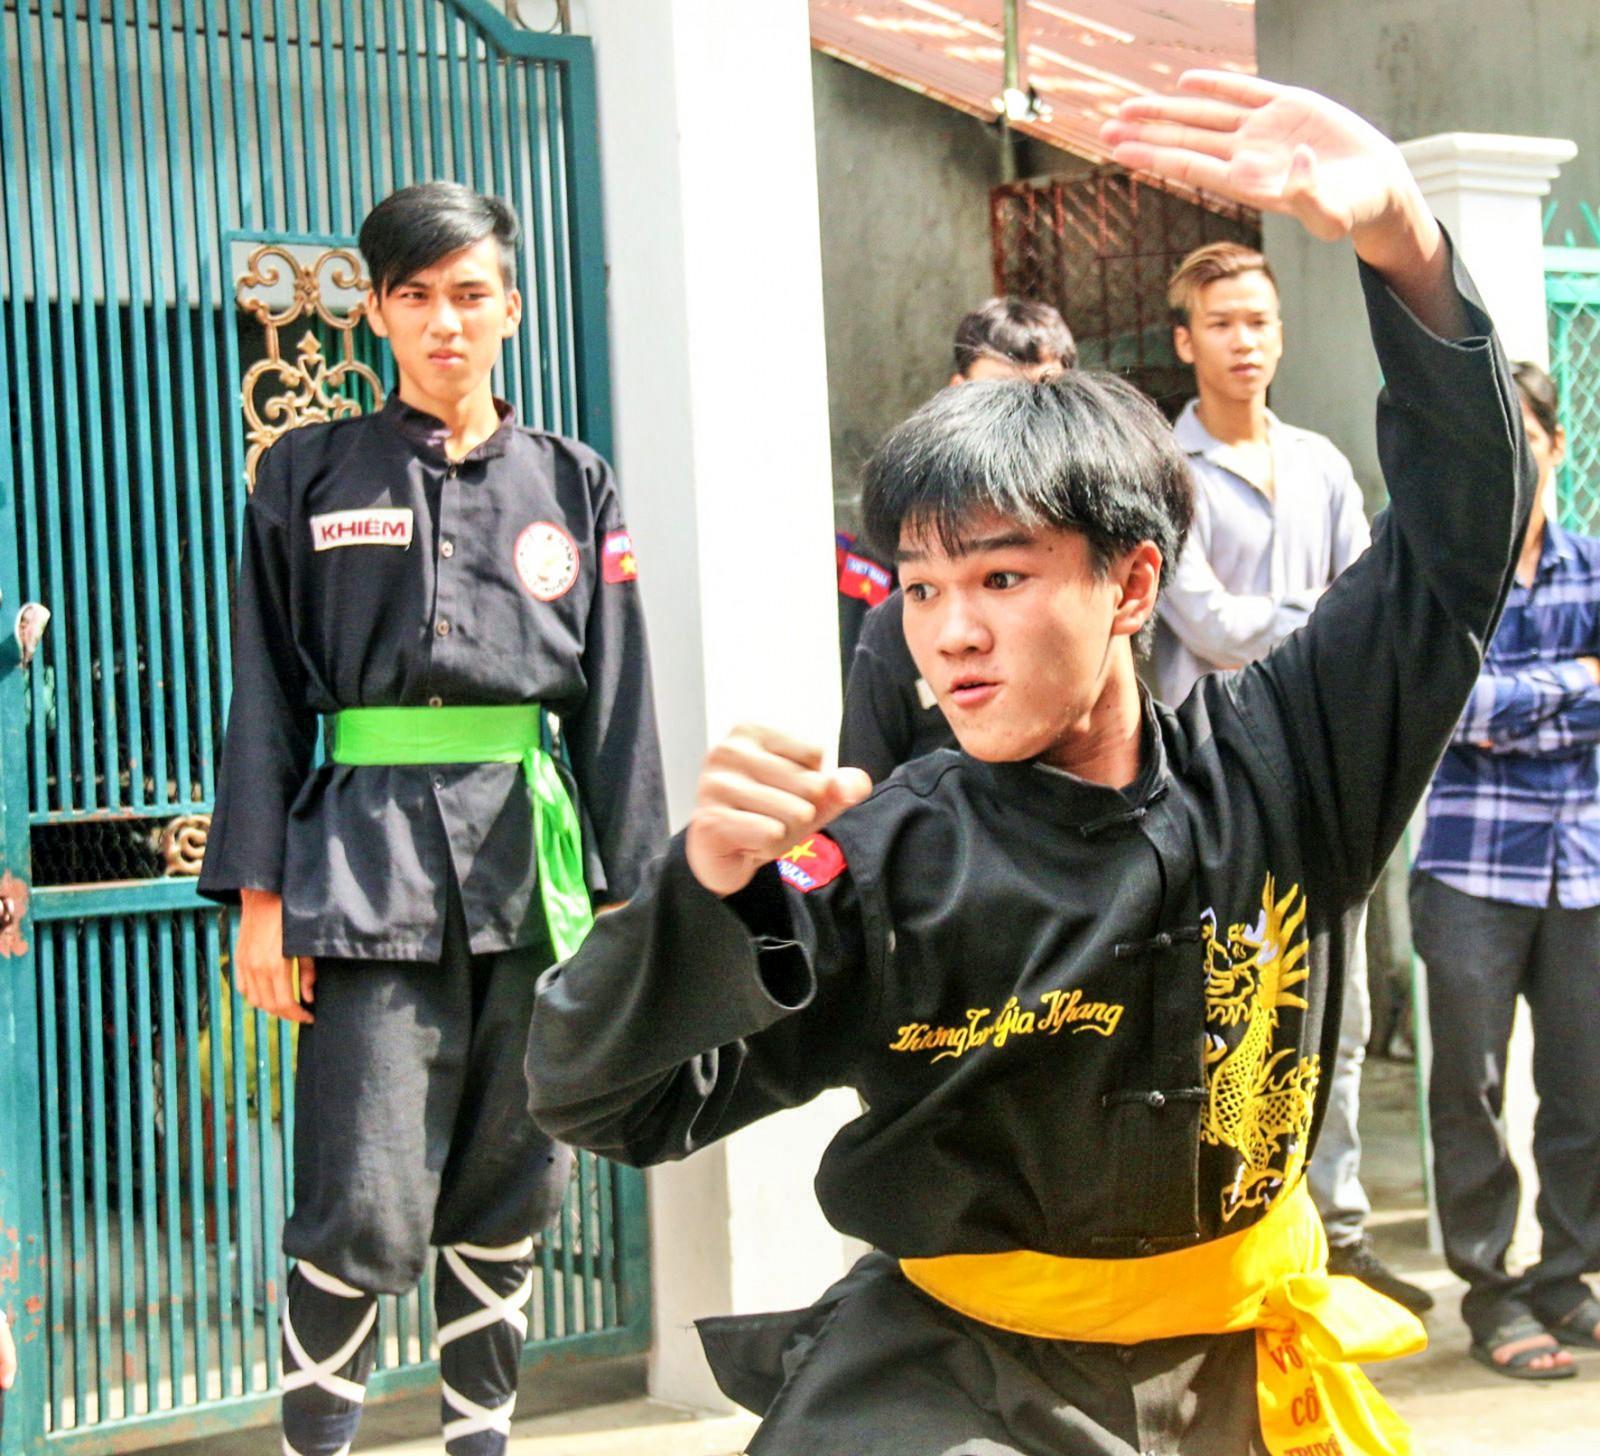 Môn sinh biểu diễn võ cổ truyền tại lễ khai trương. Ảnh: ĐĂNG HUỲNH